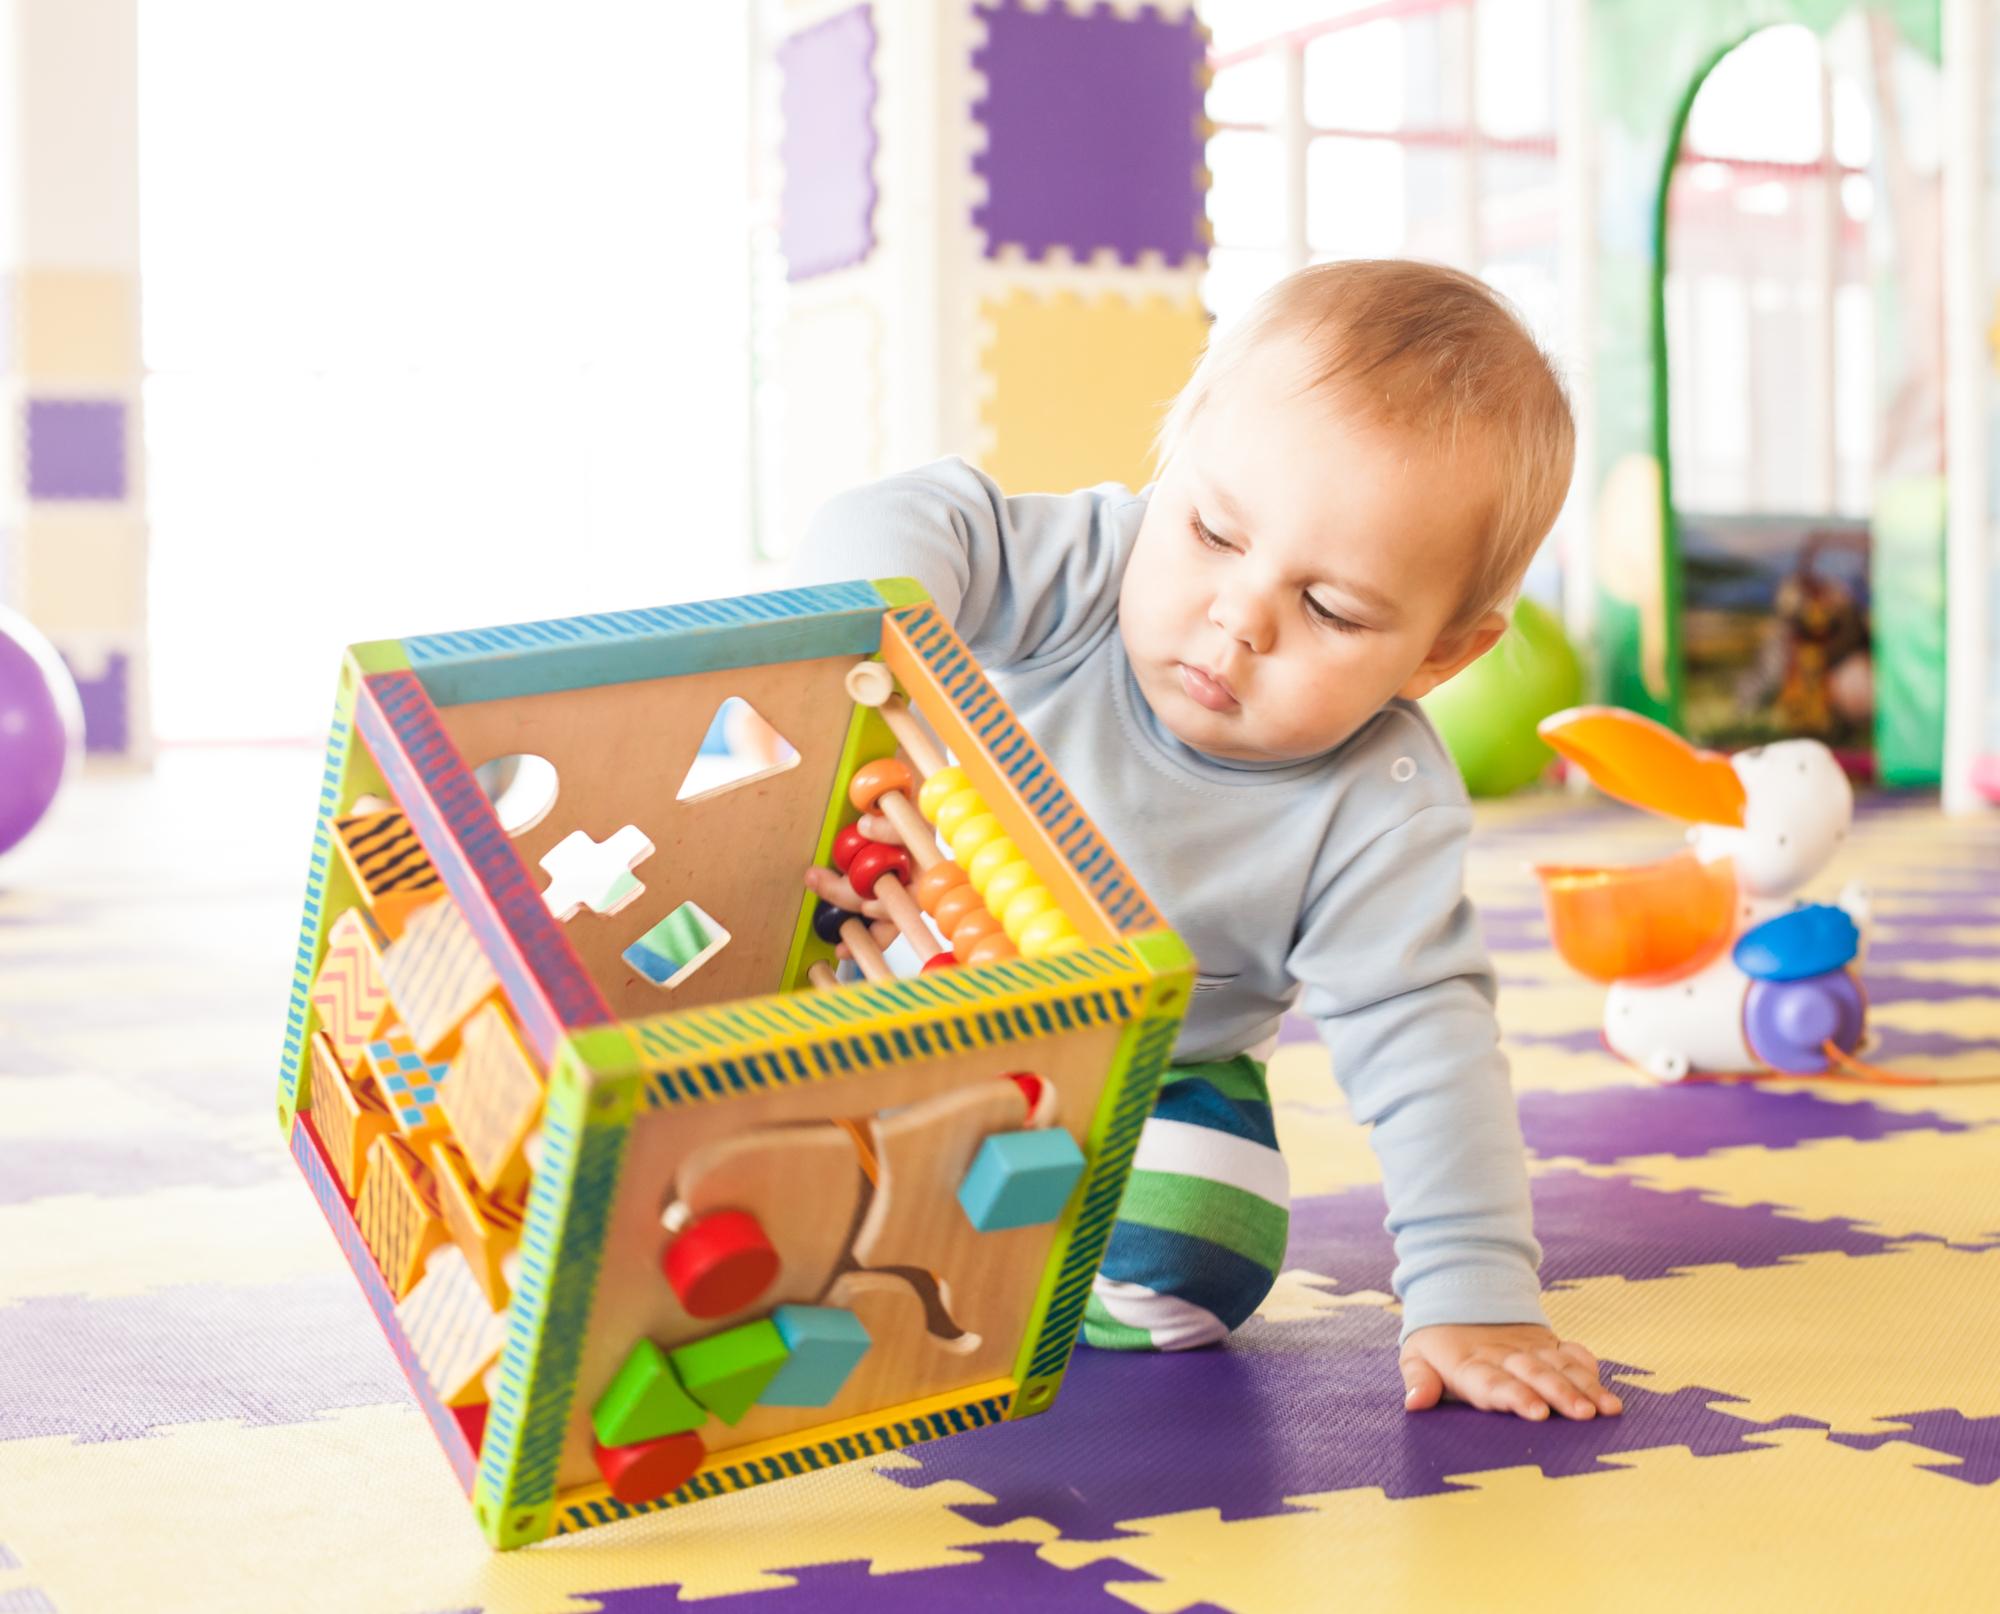 Доктор Комаровский рассказал, что следует знать о развивающих игрушках